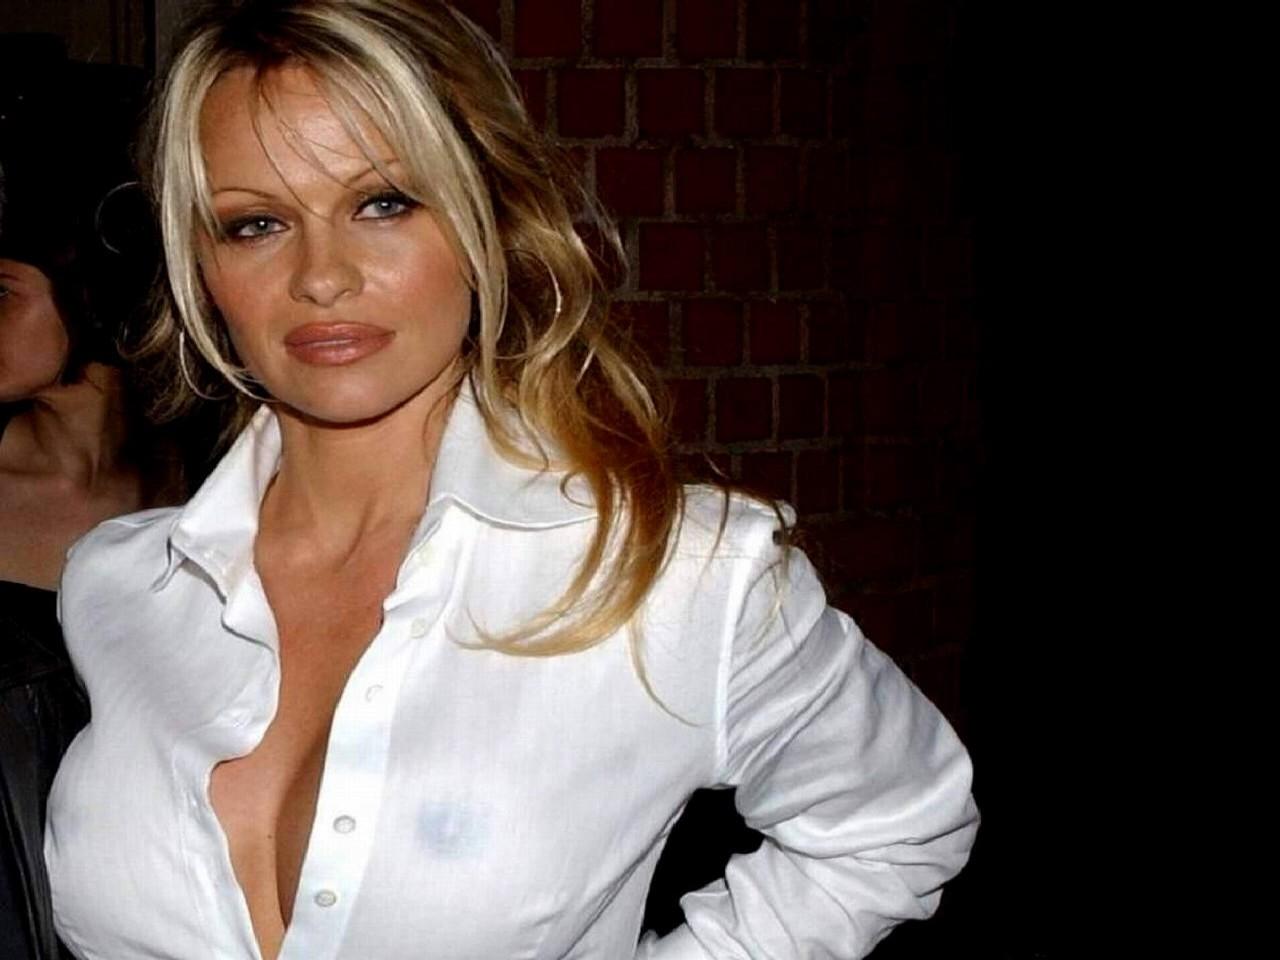 Wallpaper - trasparenze maliziose per Pamela Anderson